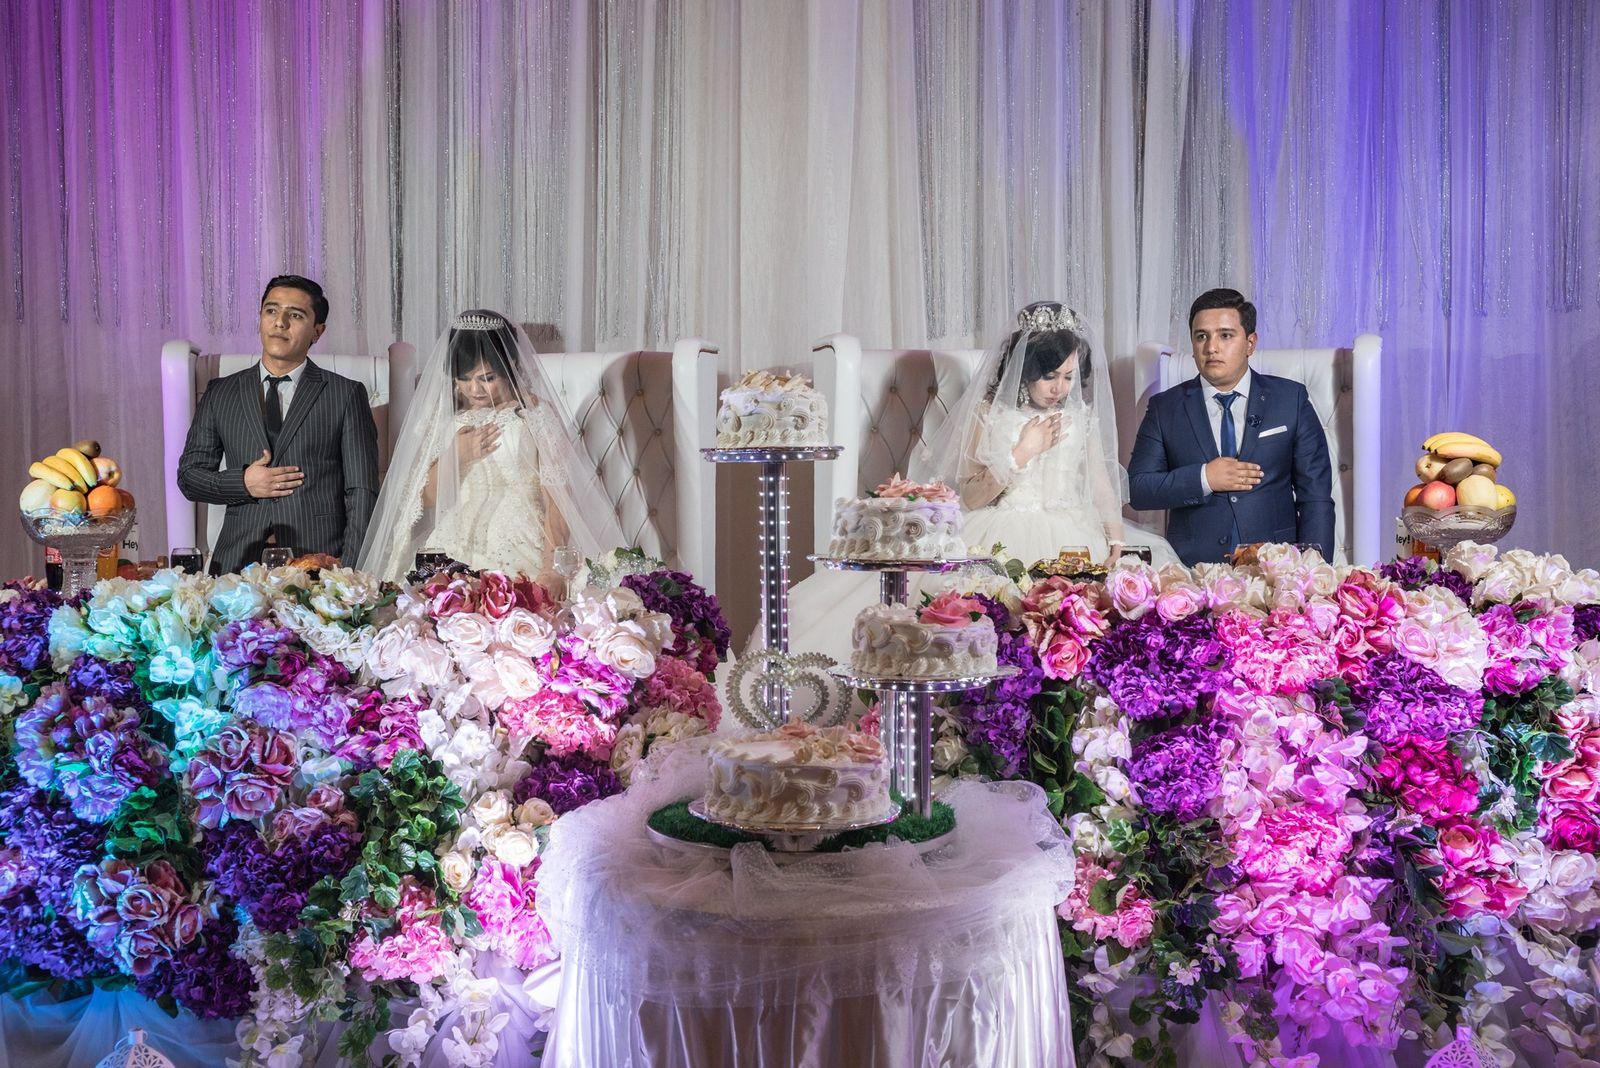 Zwei Brüder und ihre Bräute warten auf einem Standesamt in Tashkent, Usbekistan, auf ihre Hochzeit mit ...